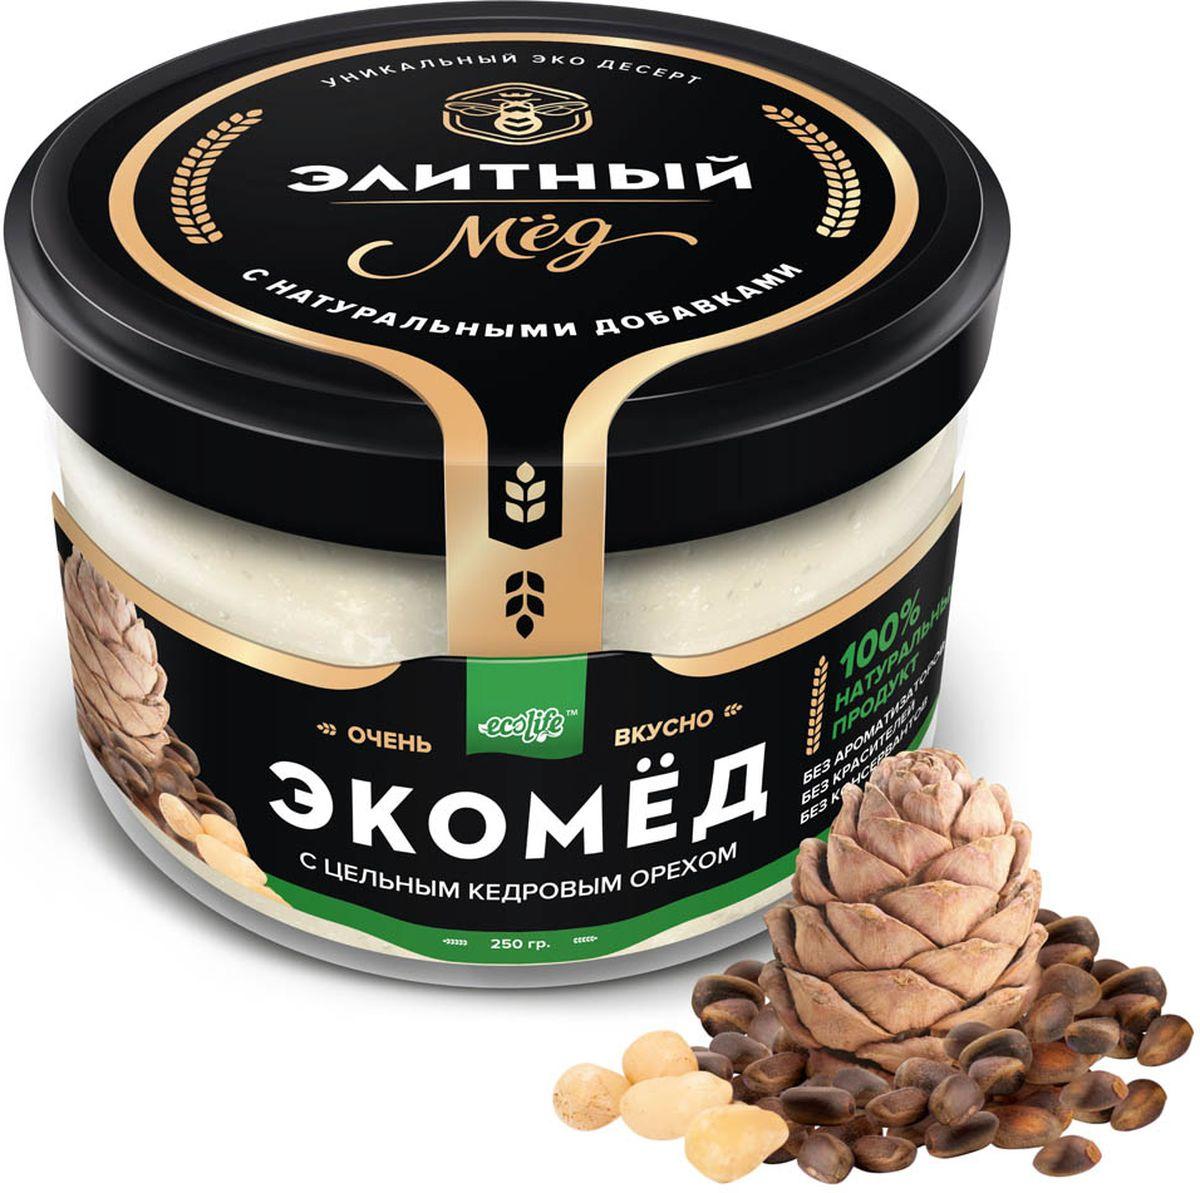 Фото Ecolife Экомед с кедровыми орехами, 250 г. Купить  в РФ